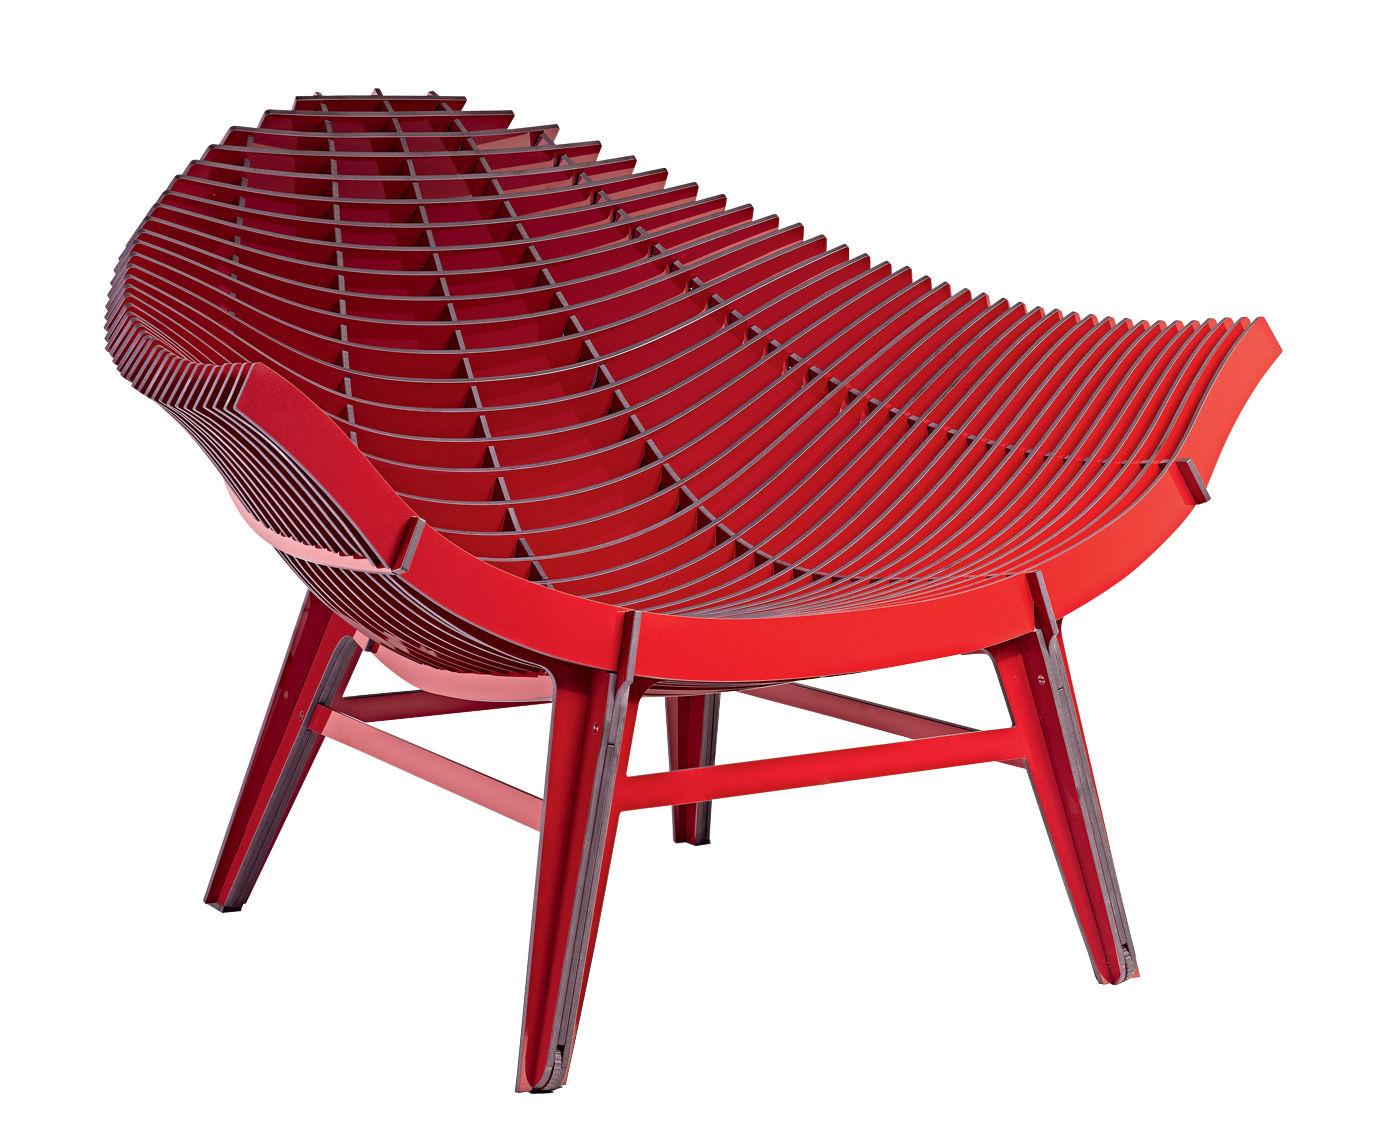 fauteuil bas manta stratifi int rieur ext rieur rouge ibride. Black Bedroom Furniture Sets. Home Design Ideas